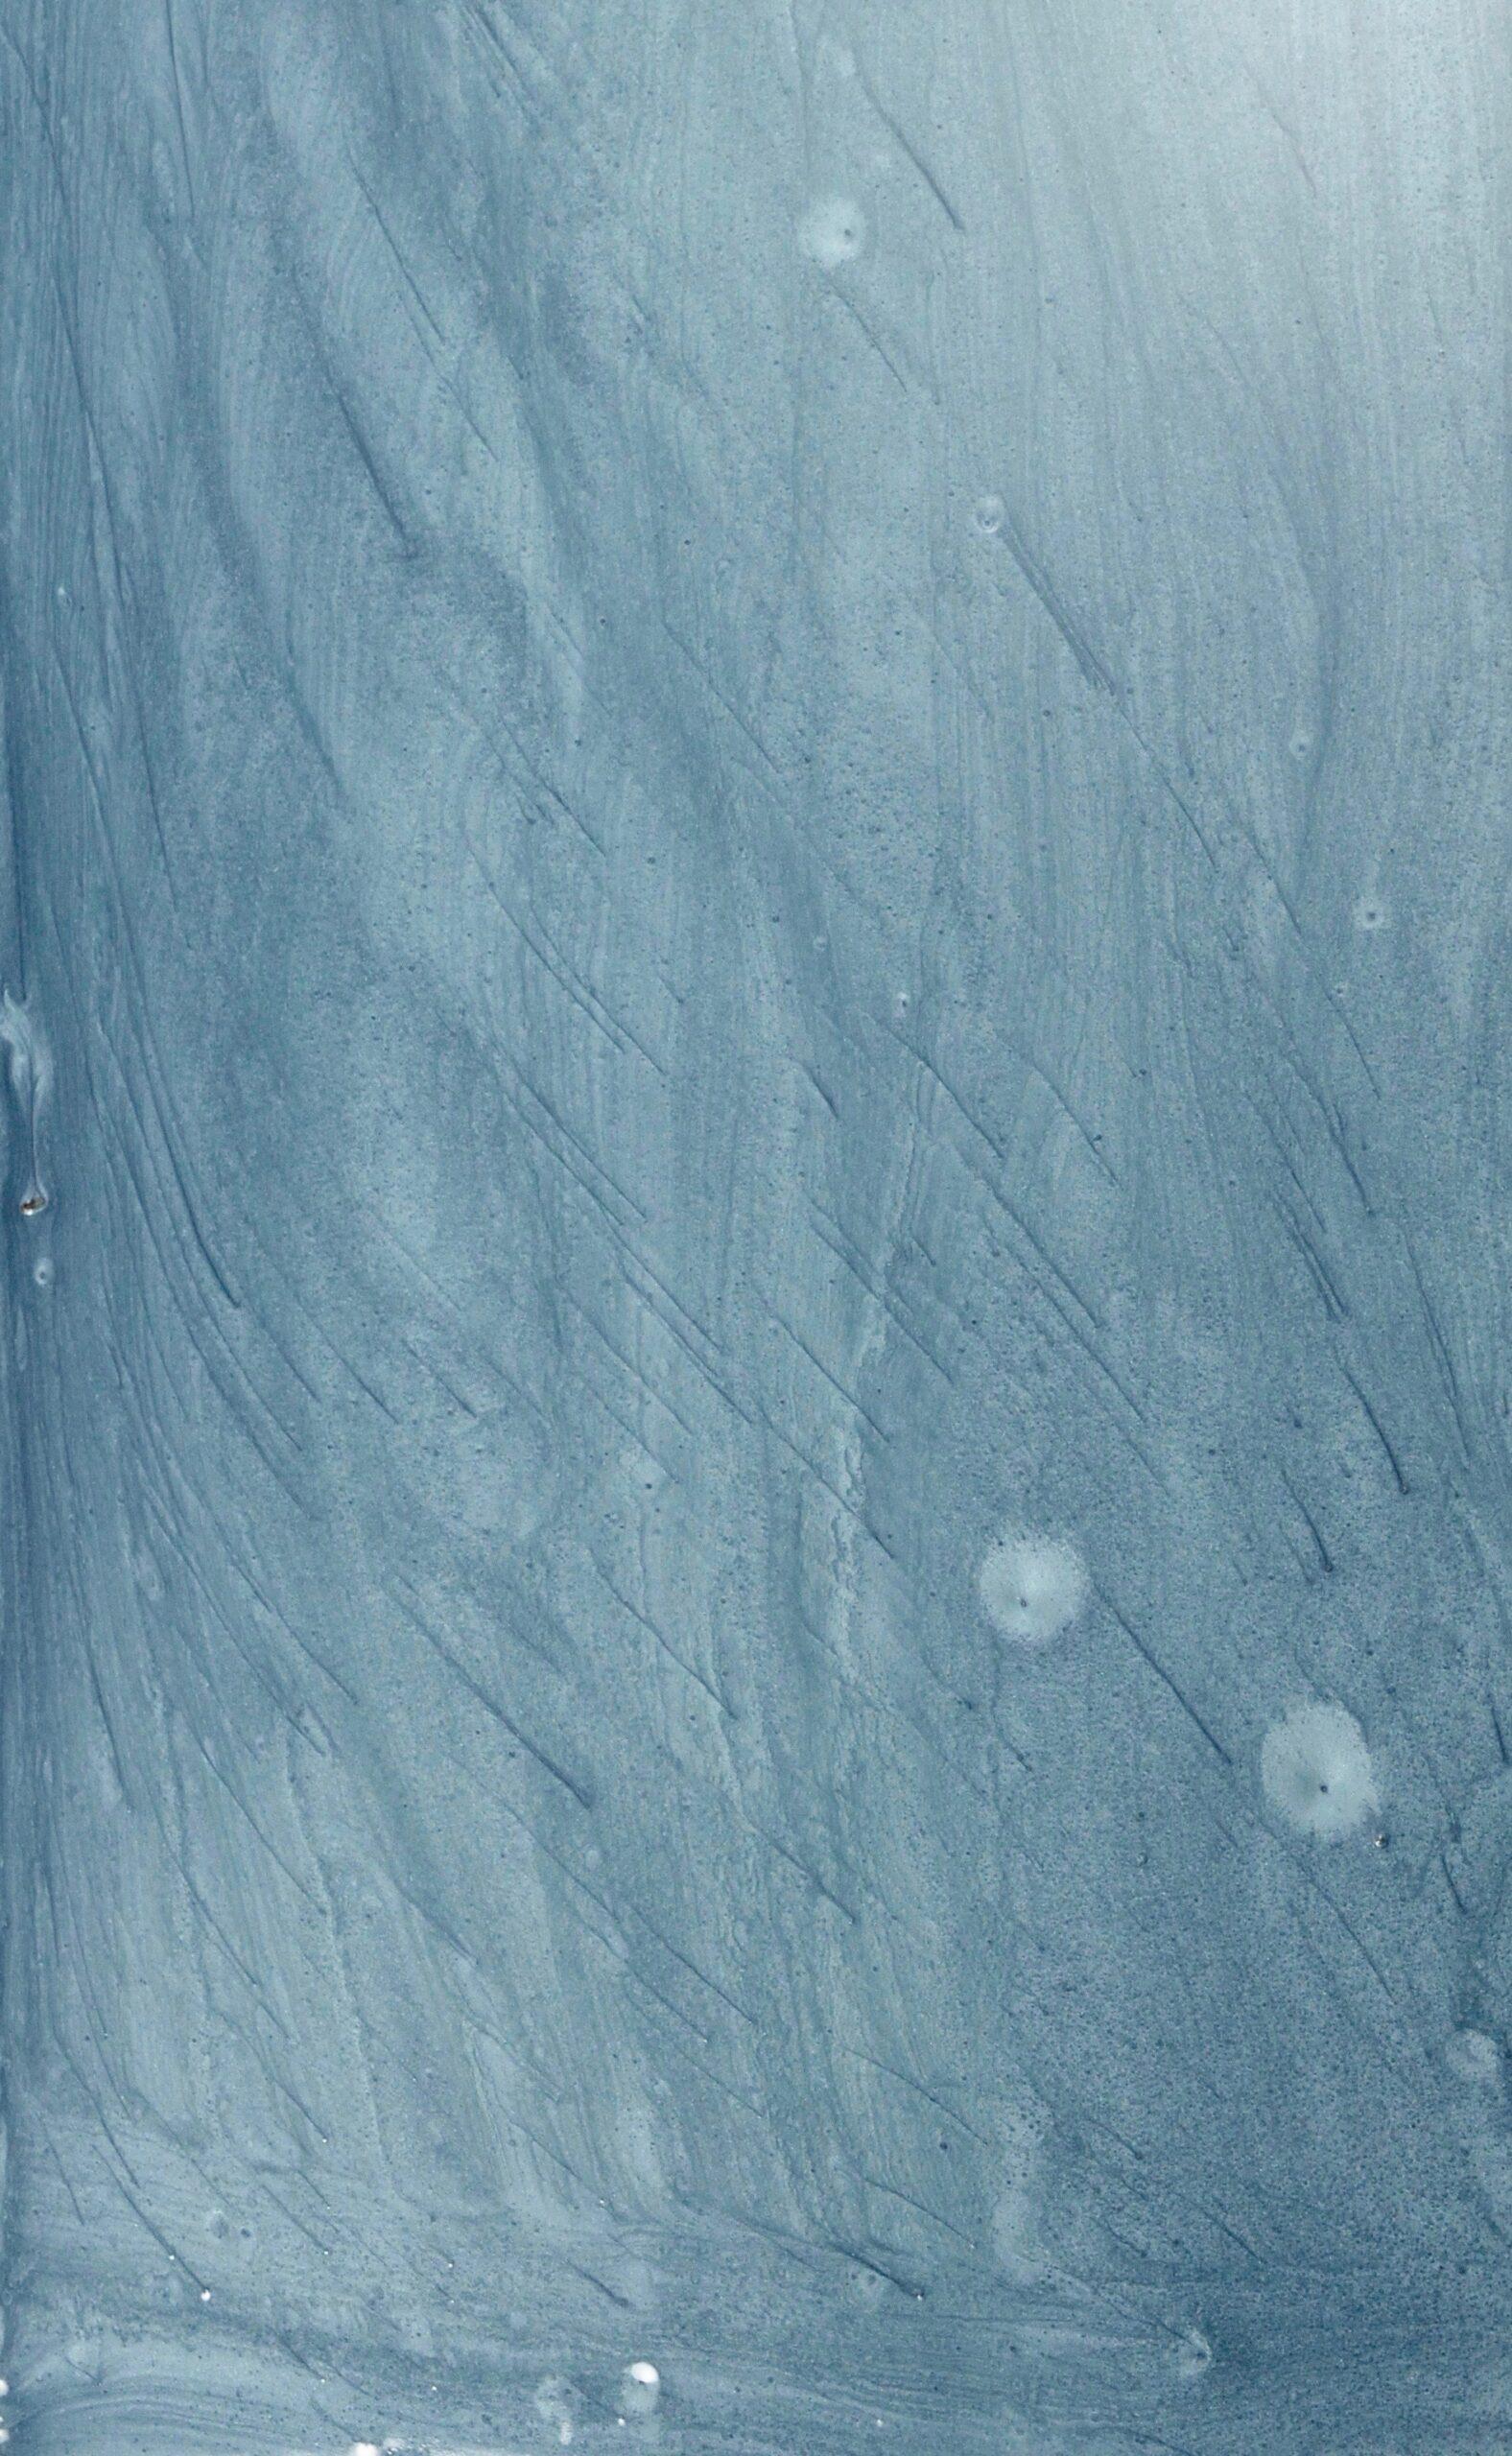 Cambridge Blue Metallic Farvepigment